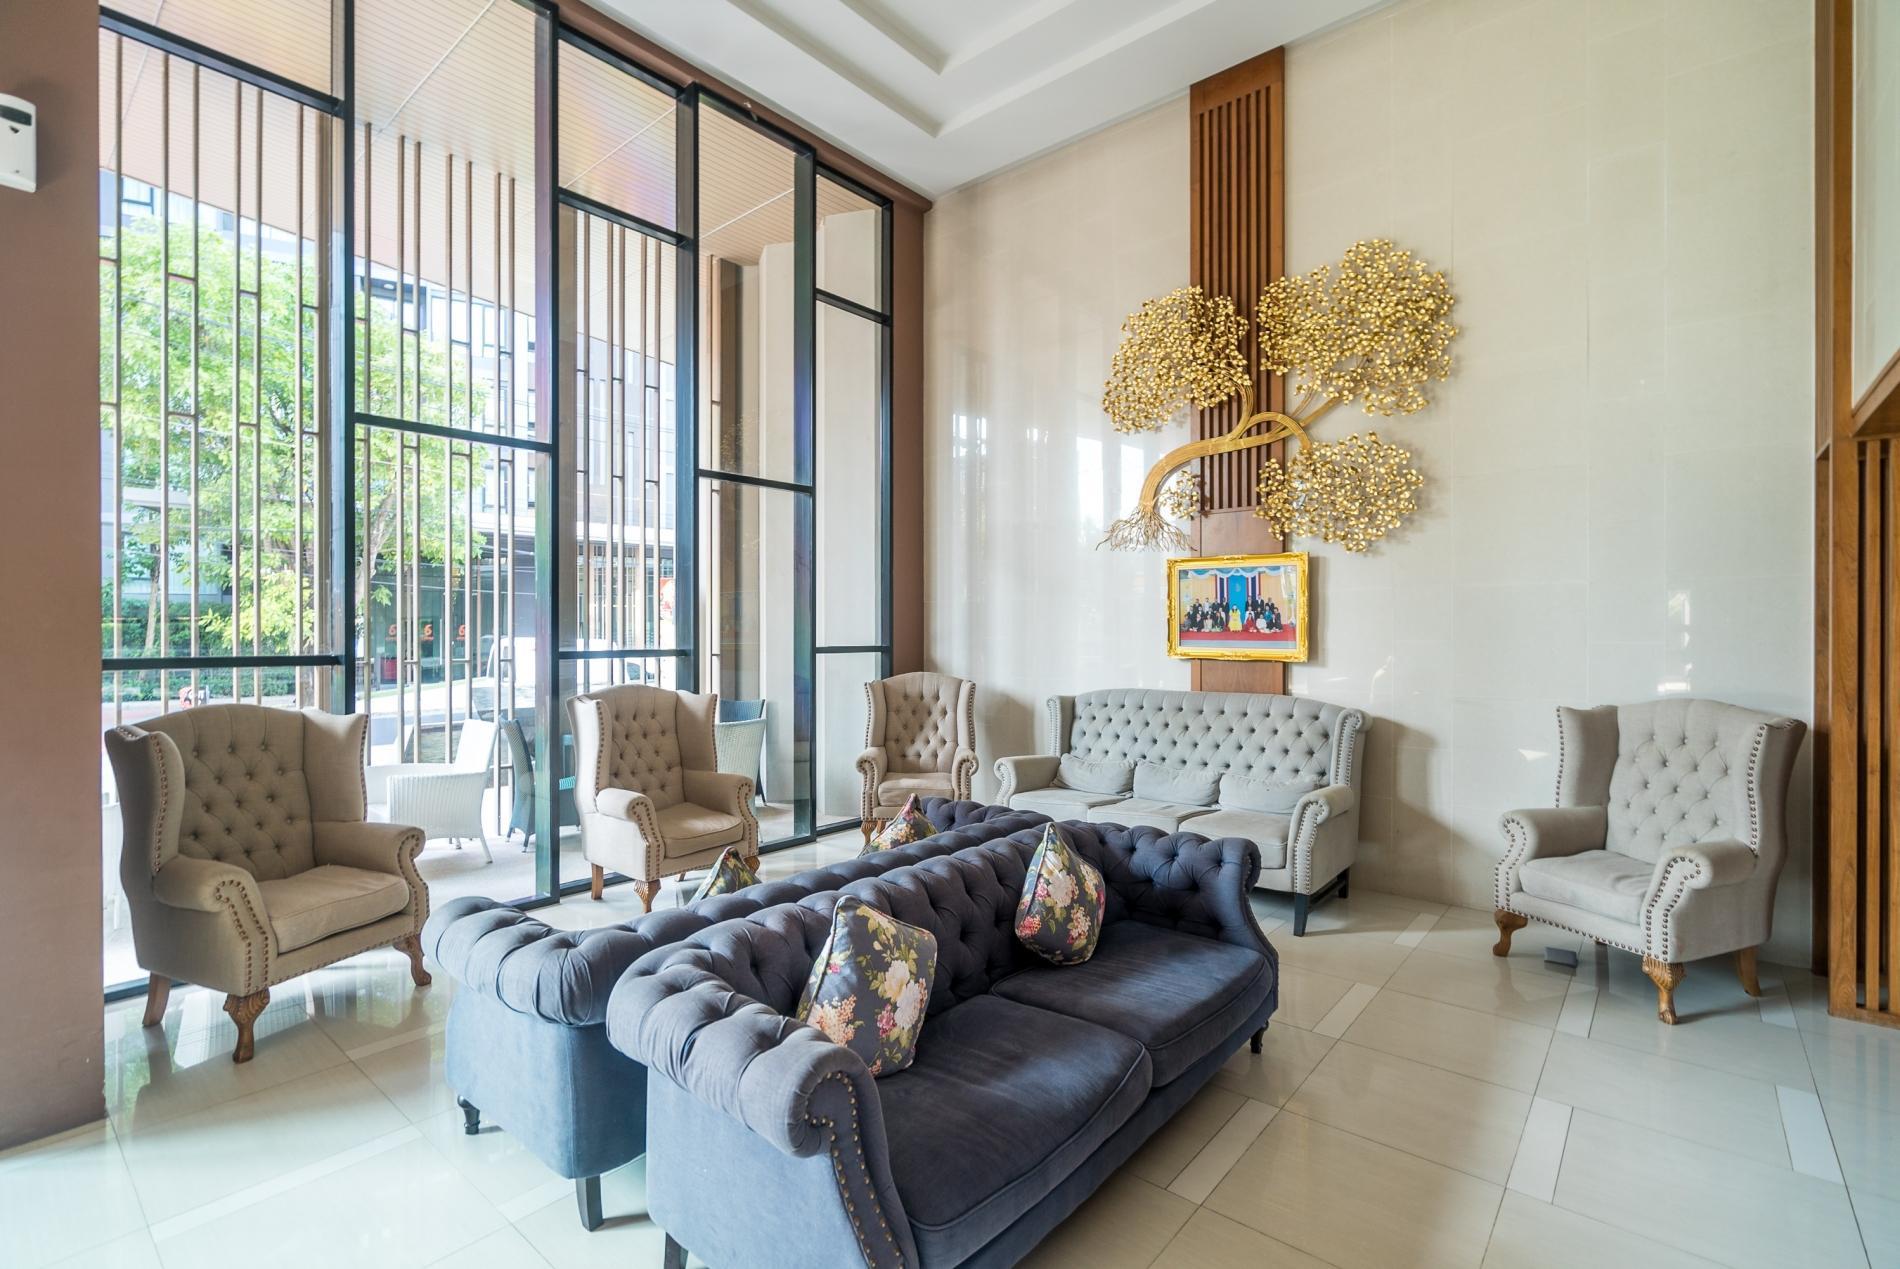 Apartment Aristo 216 - Pool access duplex in Surin condo for 4 people photo 20258434